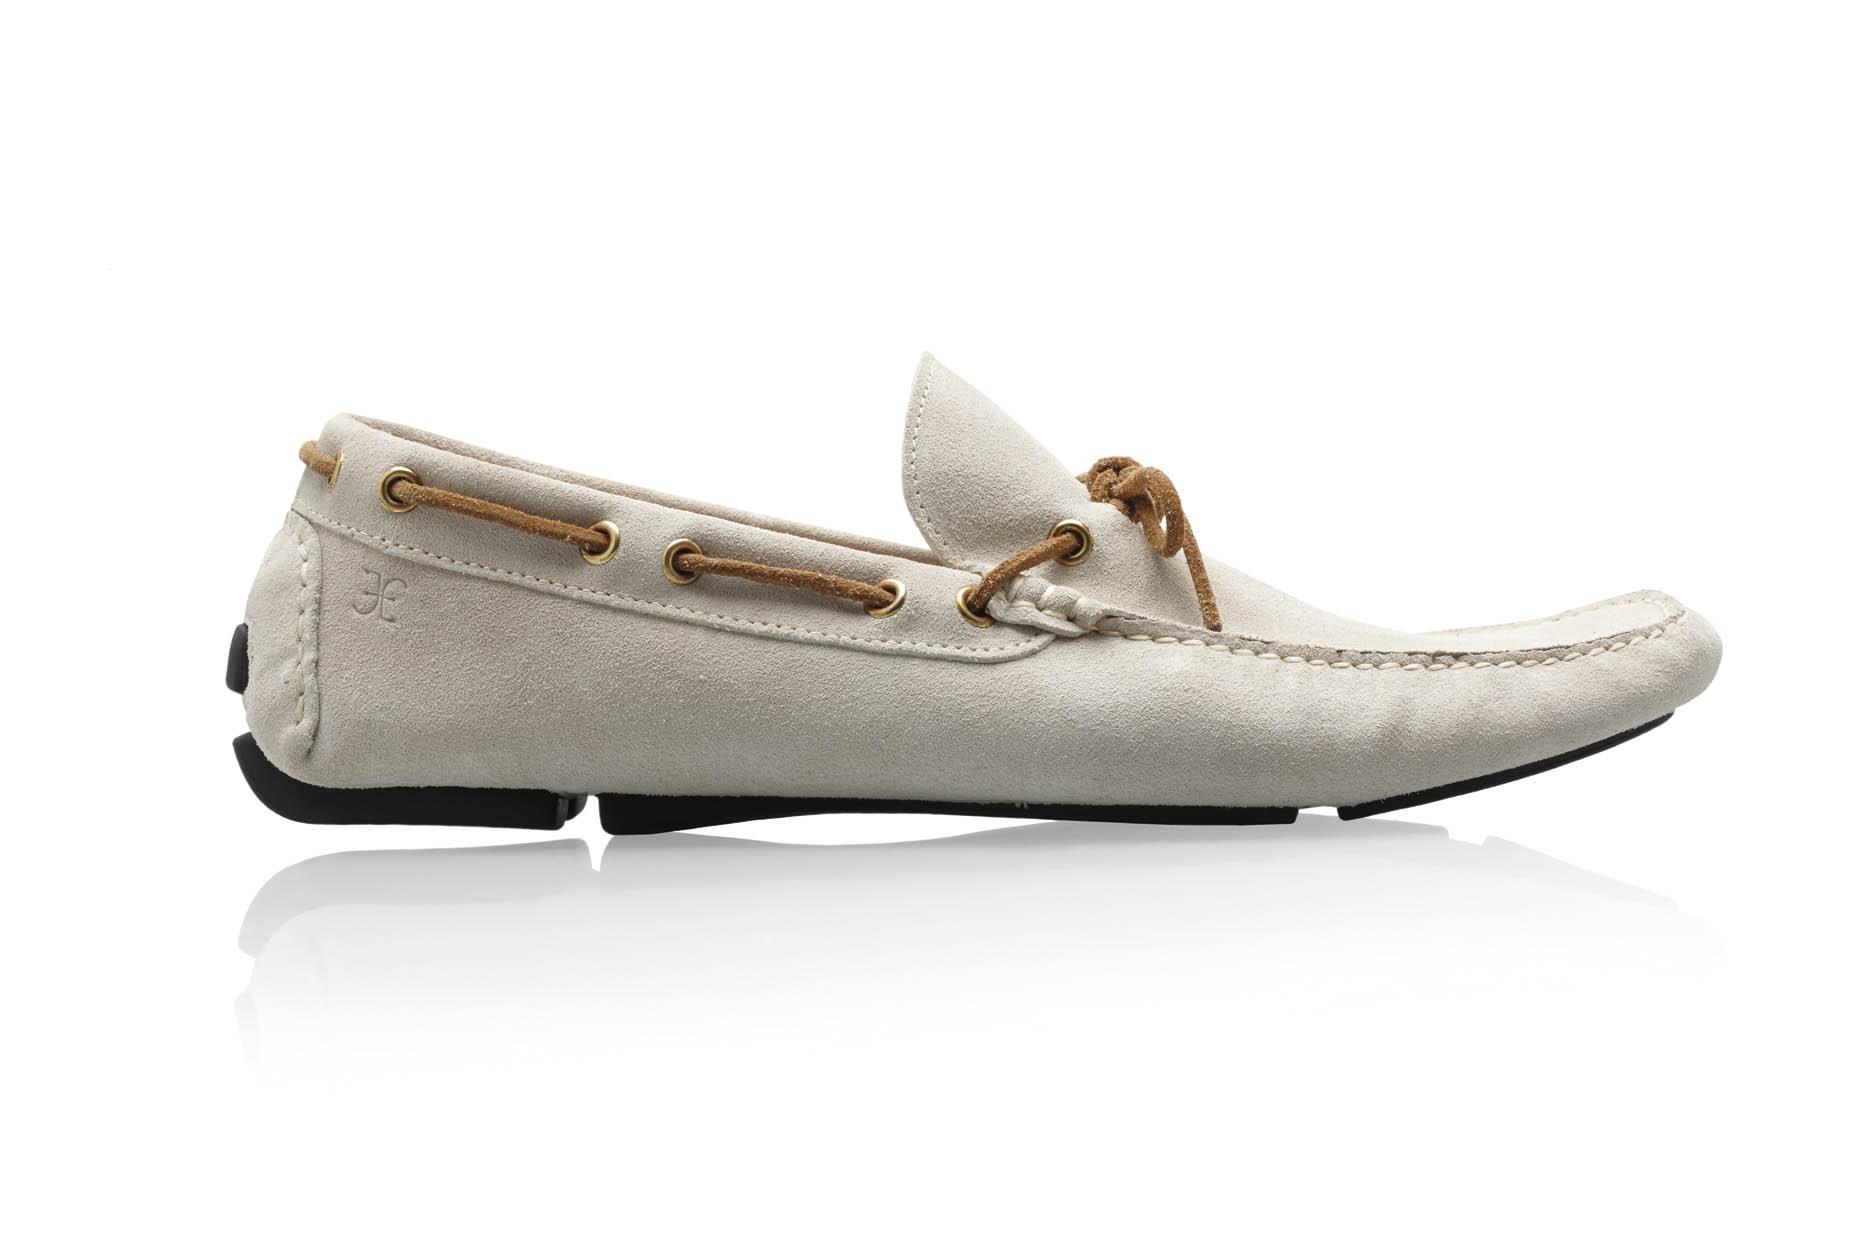 100% autenticato prezzo folle stile alla moda Abbinare scarpe e cintura » fabishoes